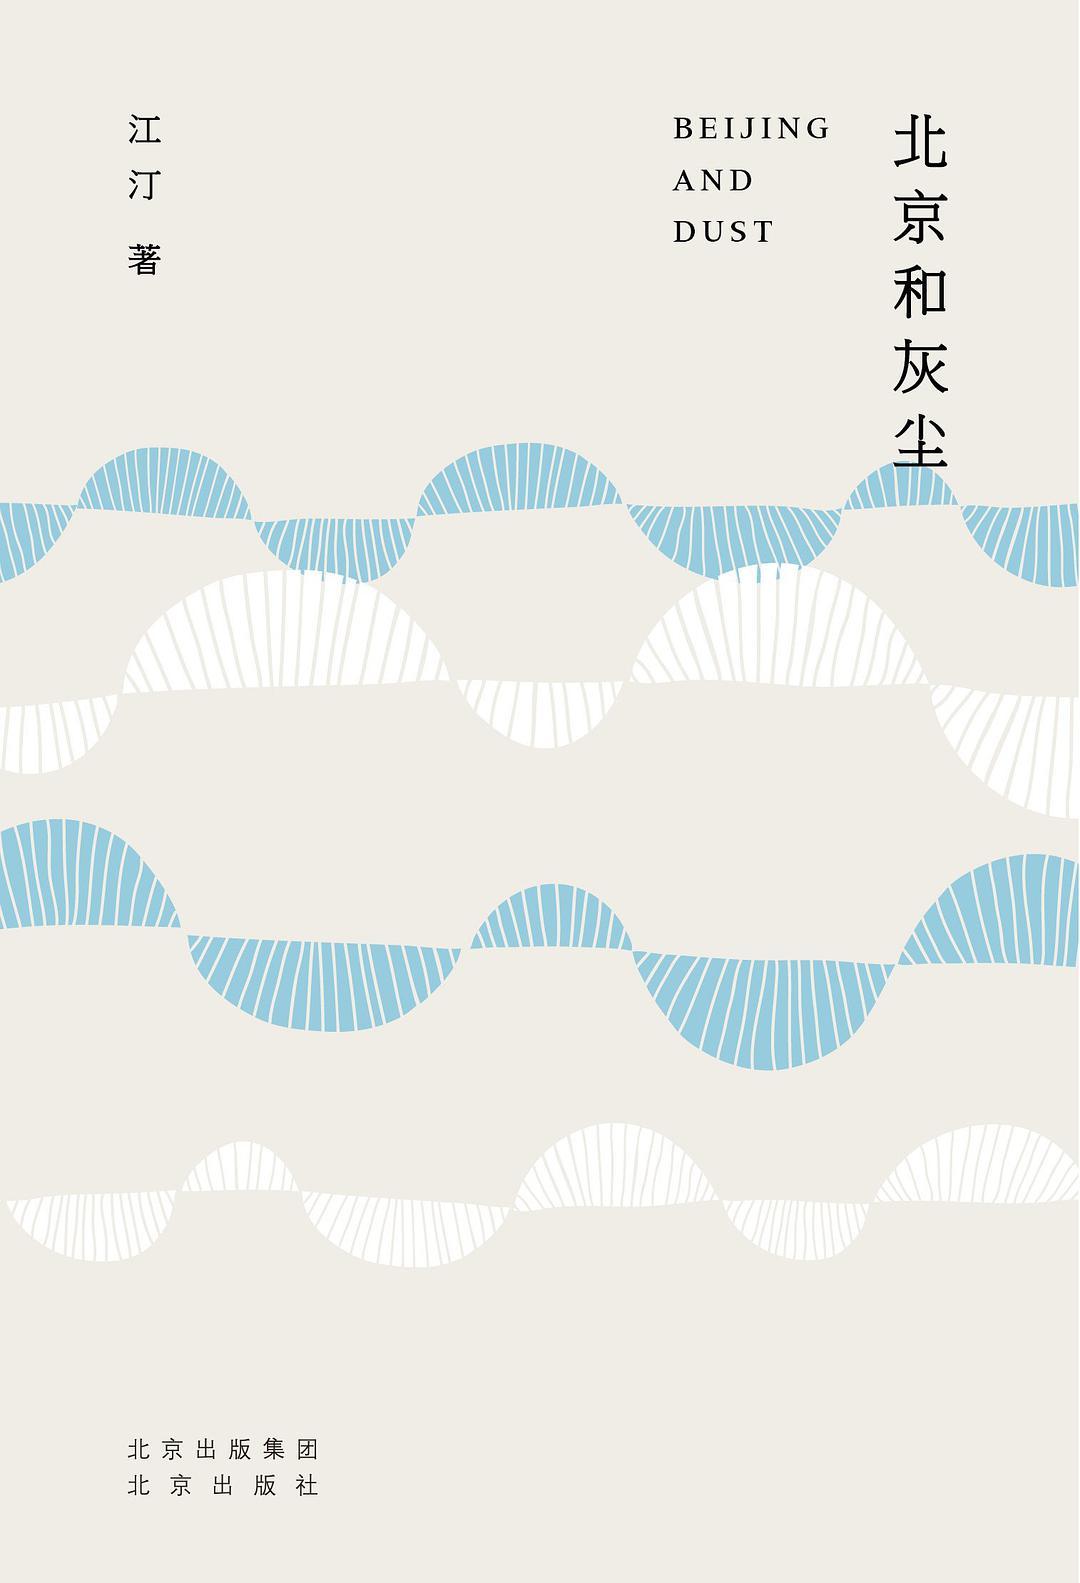 读诗集《北京和灰尘》:小于一的灰尘